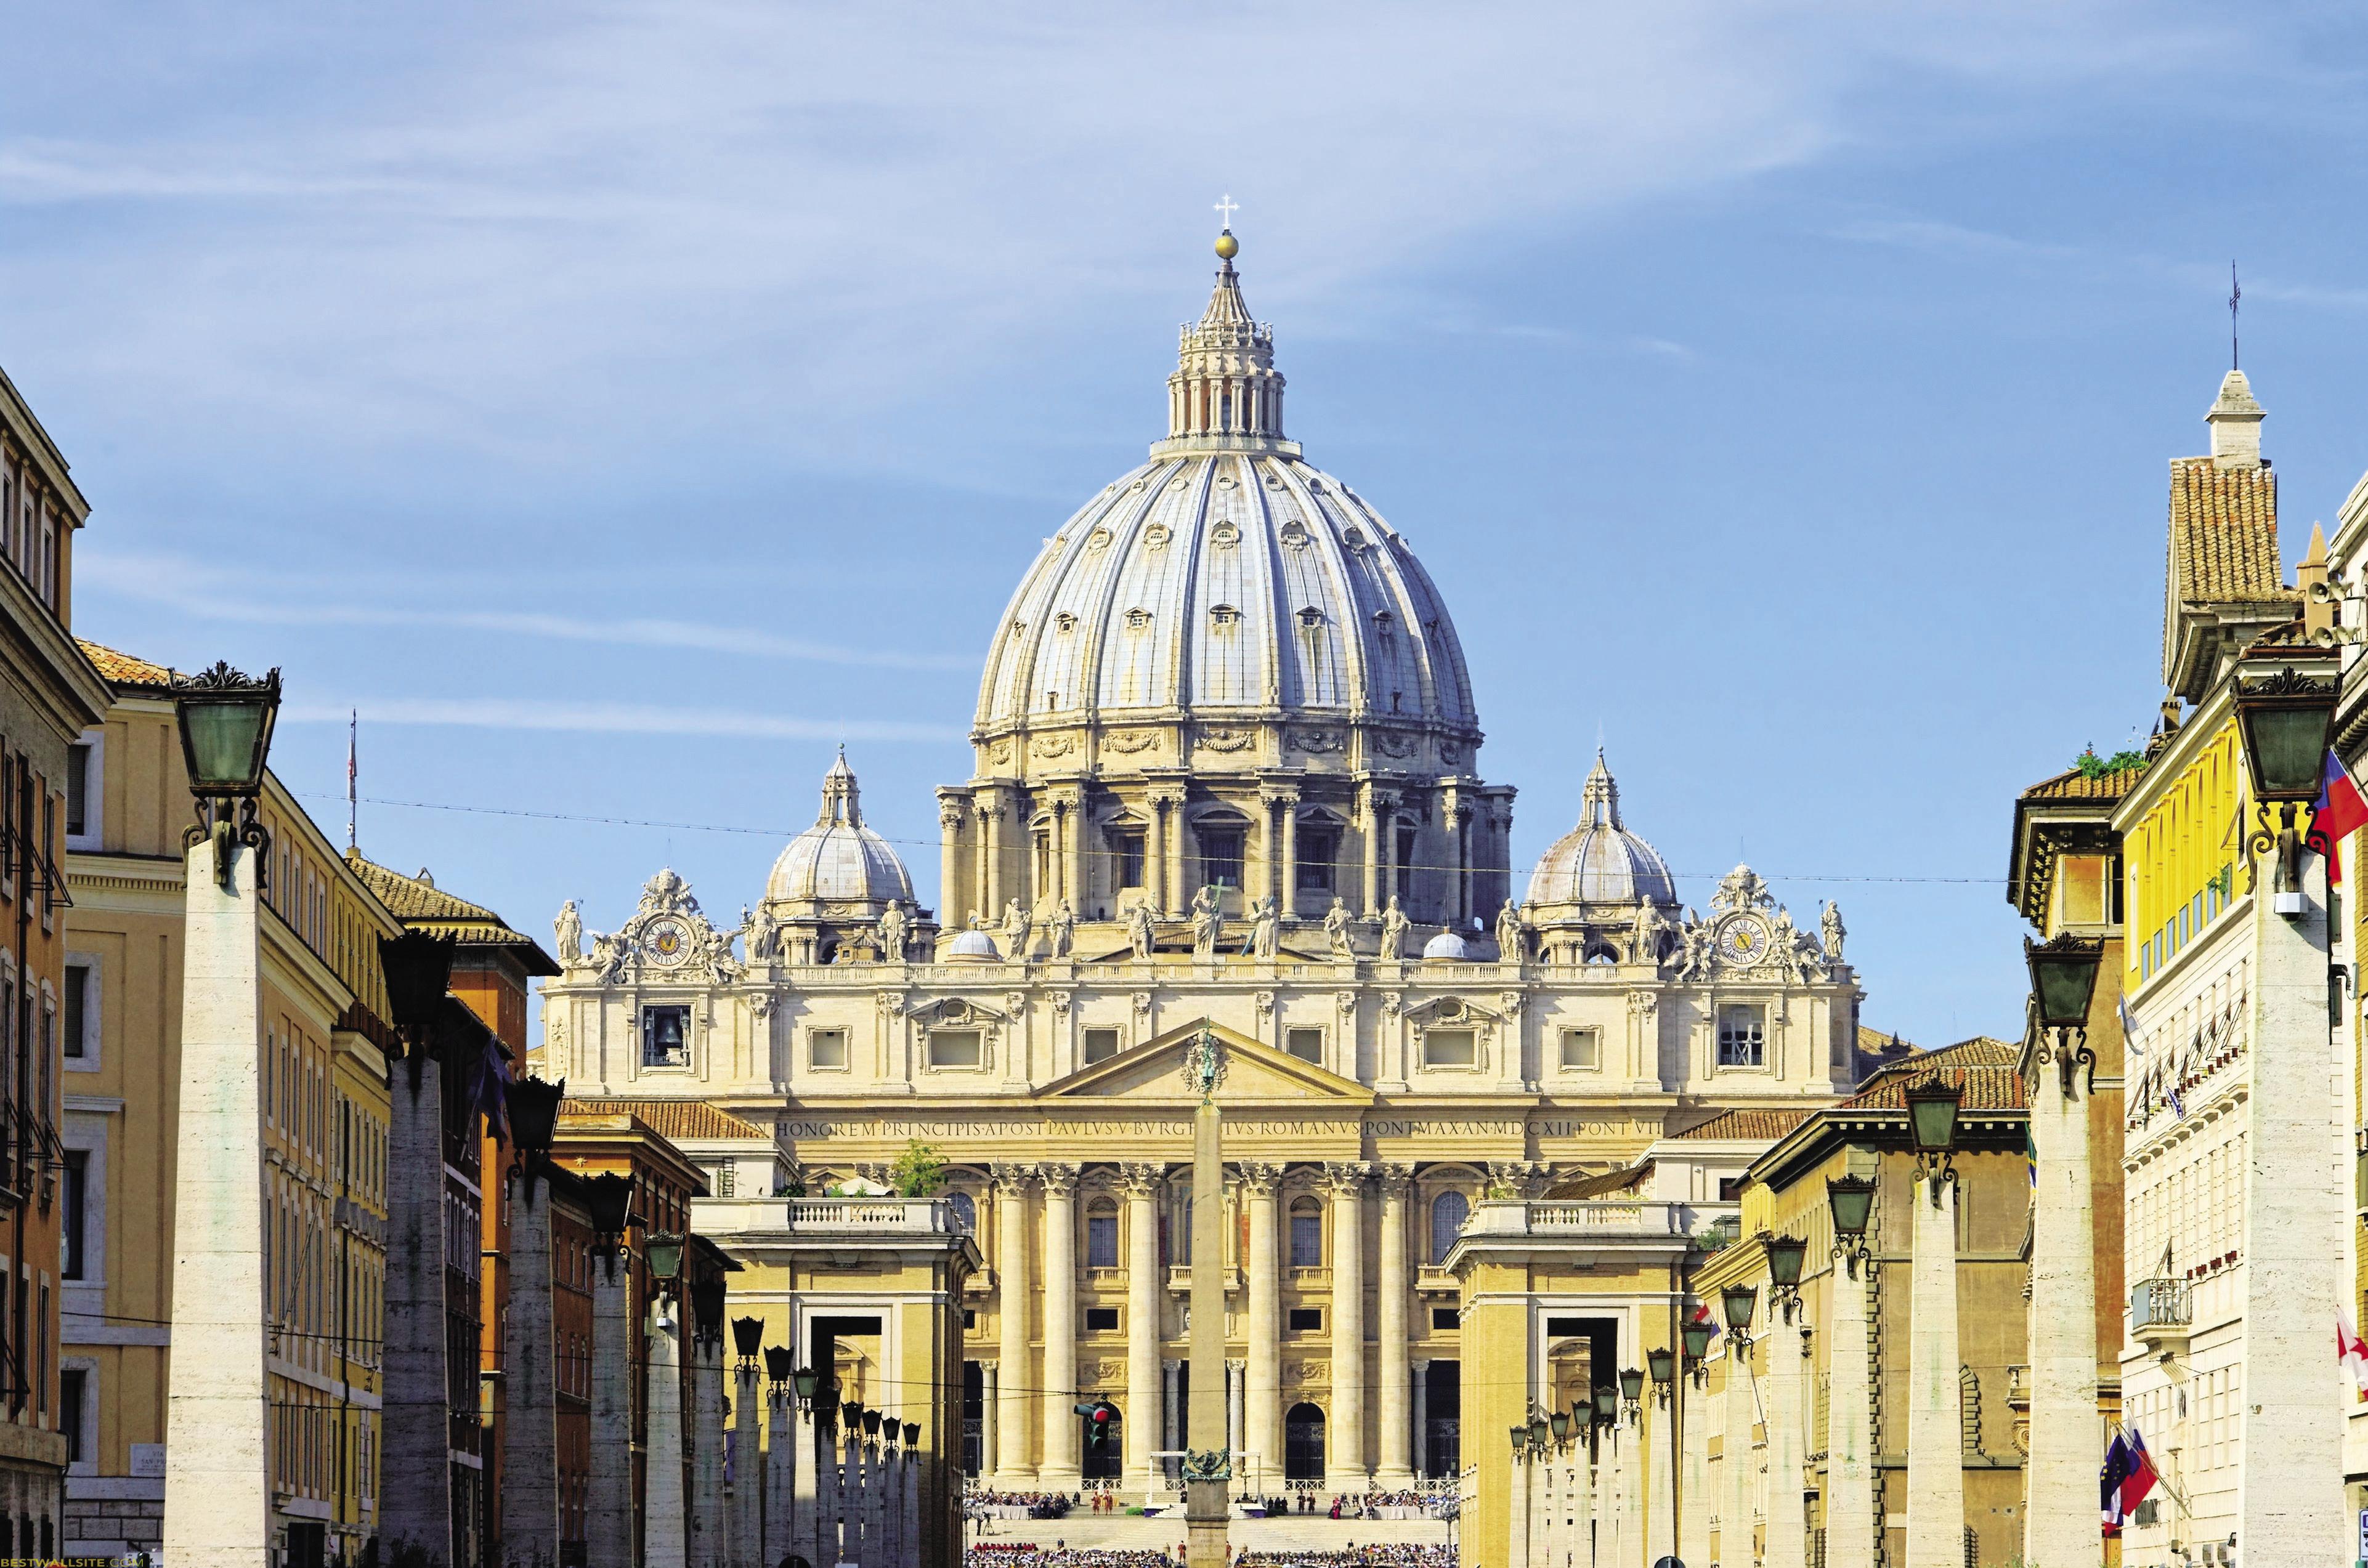 Roma e Tivoli Quirinale, Giubileo e Villa d'Este